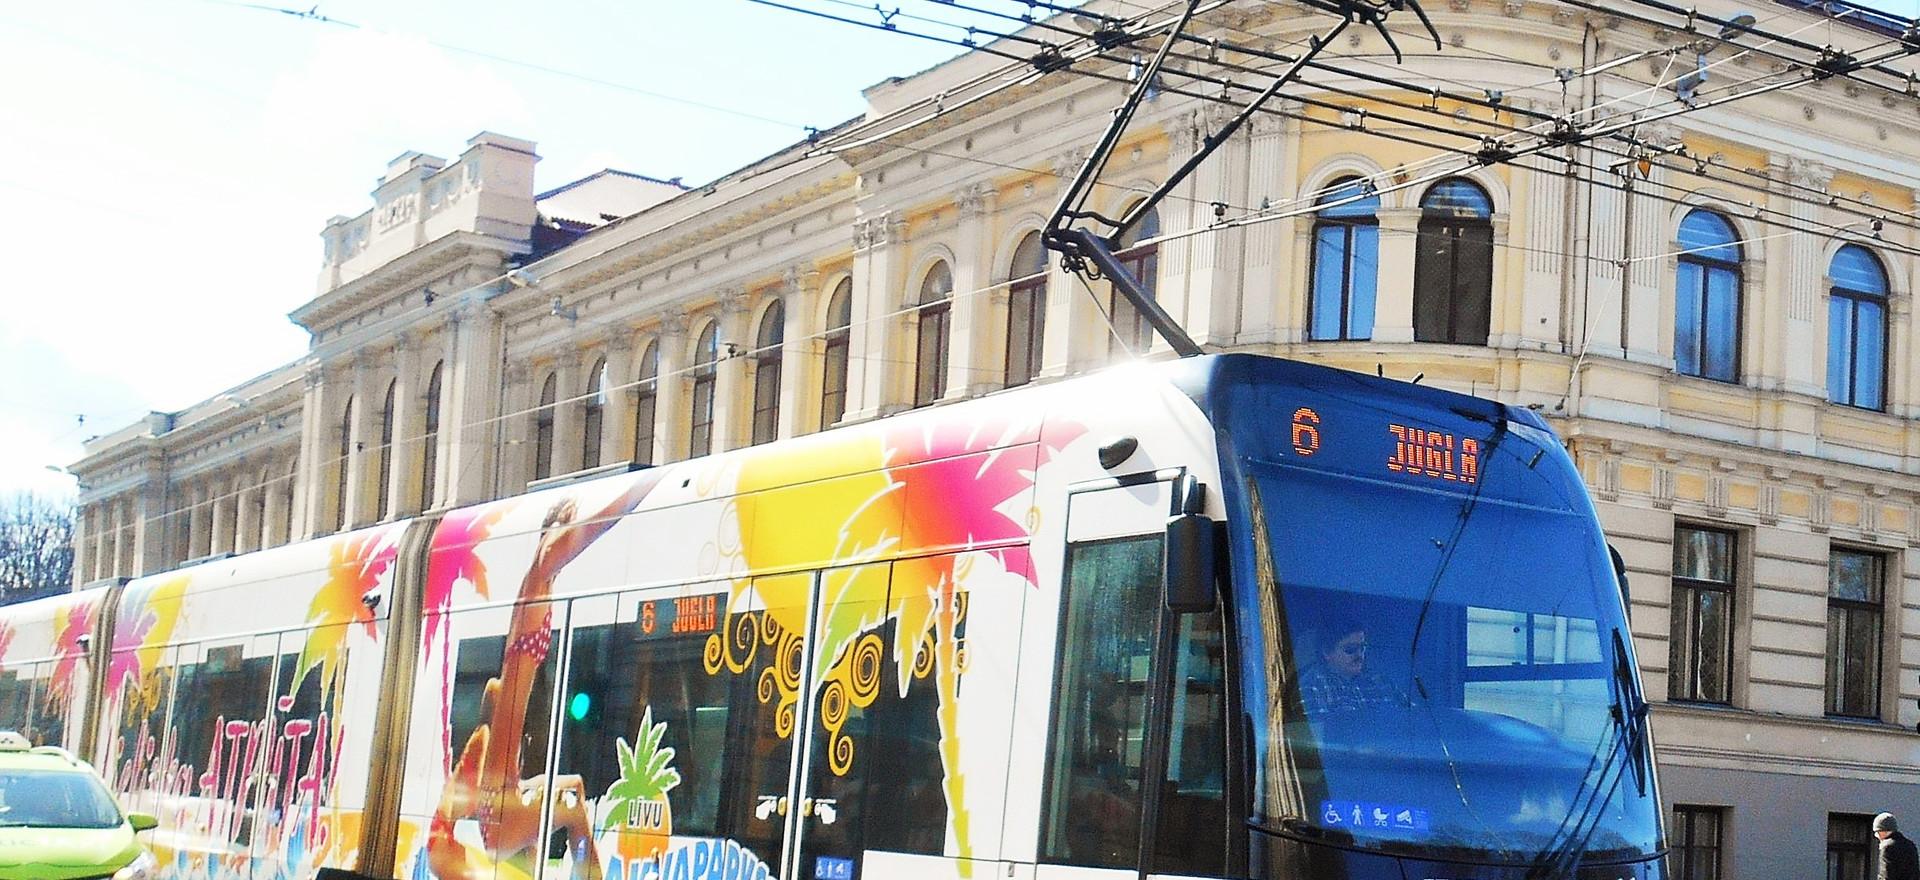 Riga's tram voice, April 2017